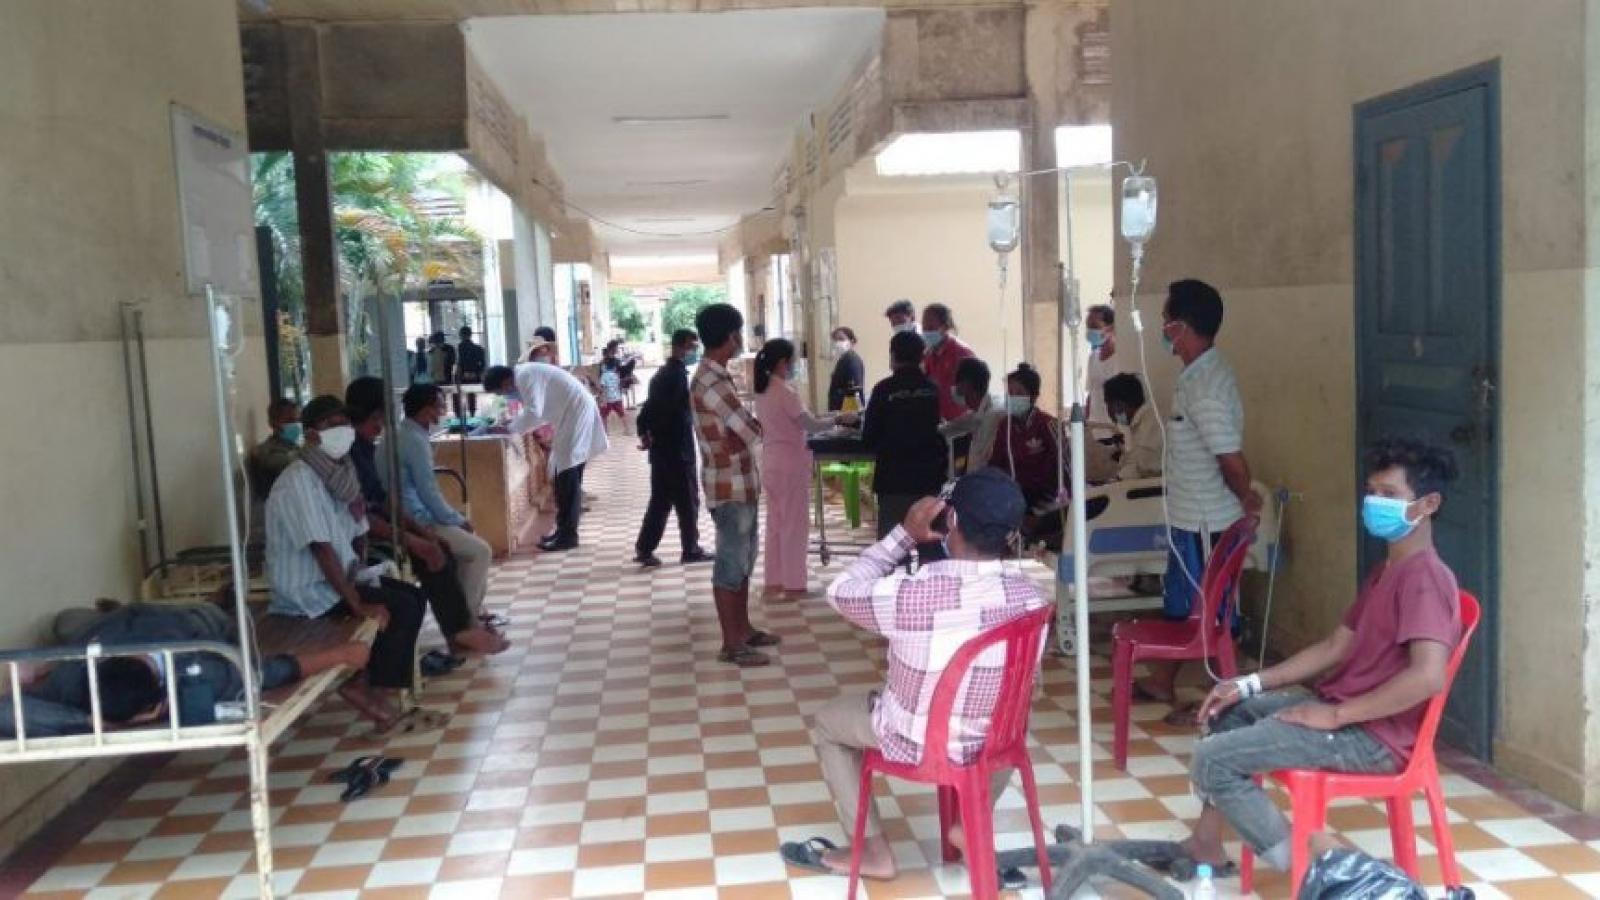 9 người chết và hơn 30 người nhập viện cấp cứu khi uống rượu trong đám tang tại Campuchia